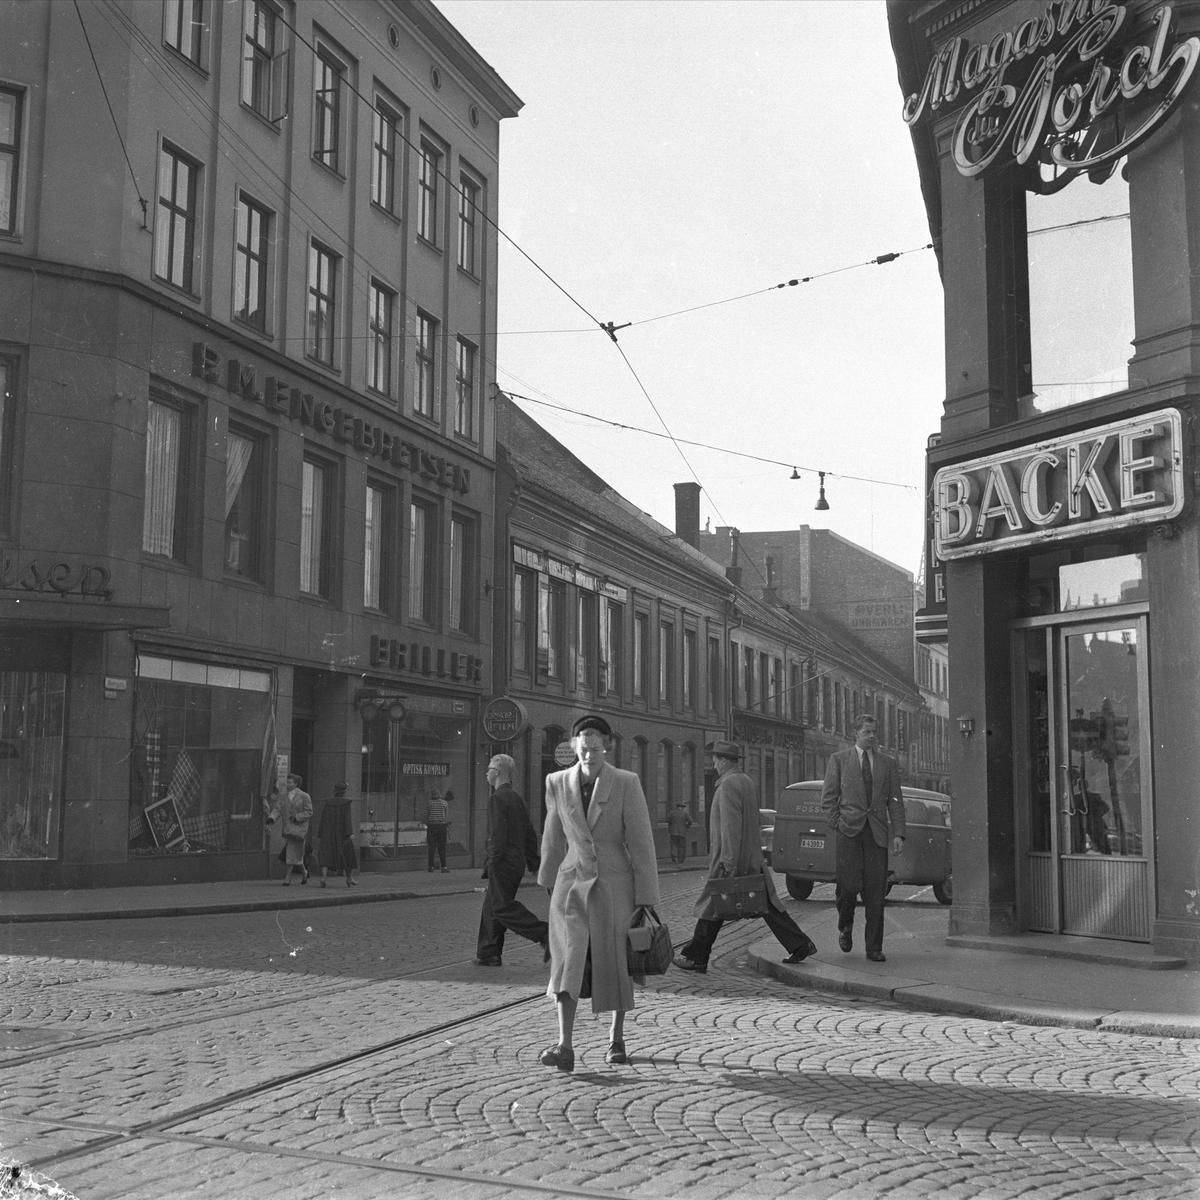 Oslo, september 1955. Bygate med bygårder og trafikk.